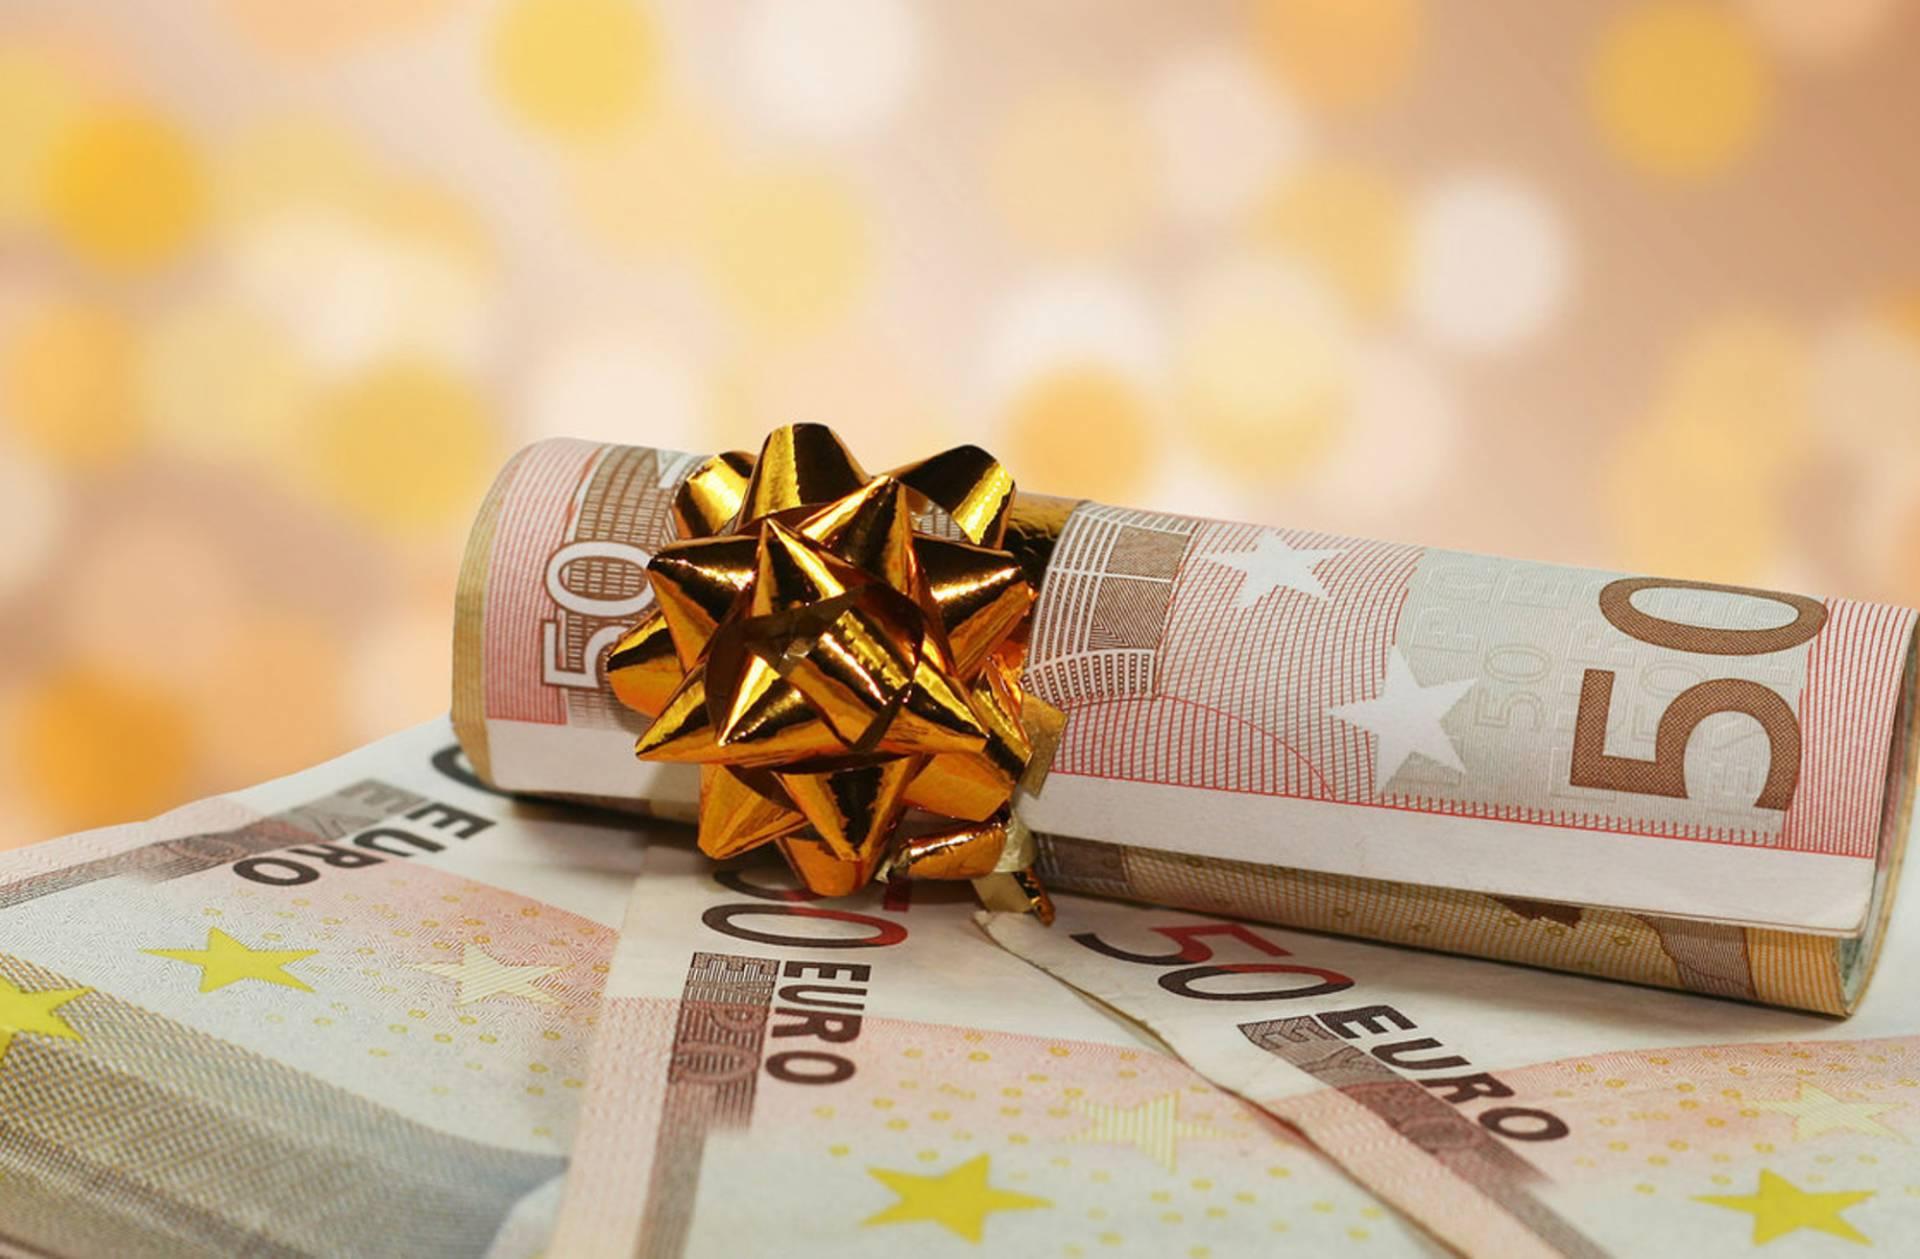 Κοινωνικό μέρισμα 2019:Ποιοι θα πάρουν το χριστουγεννιάτικο «δώρο» – Δικαιούχοι, κριτήρια, ποσά